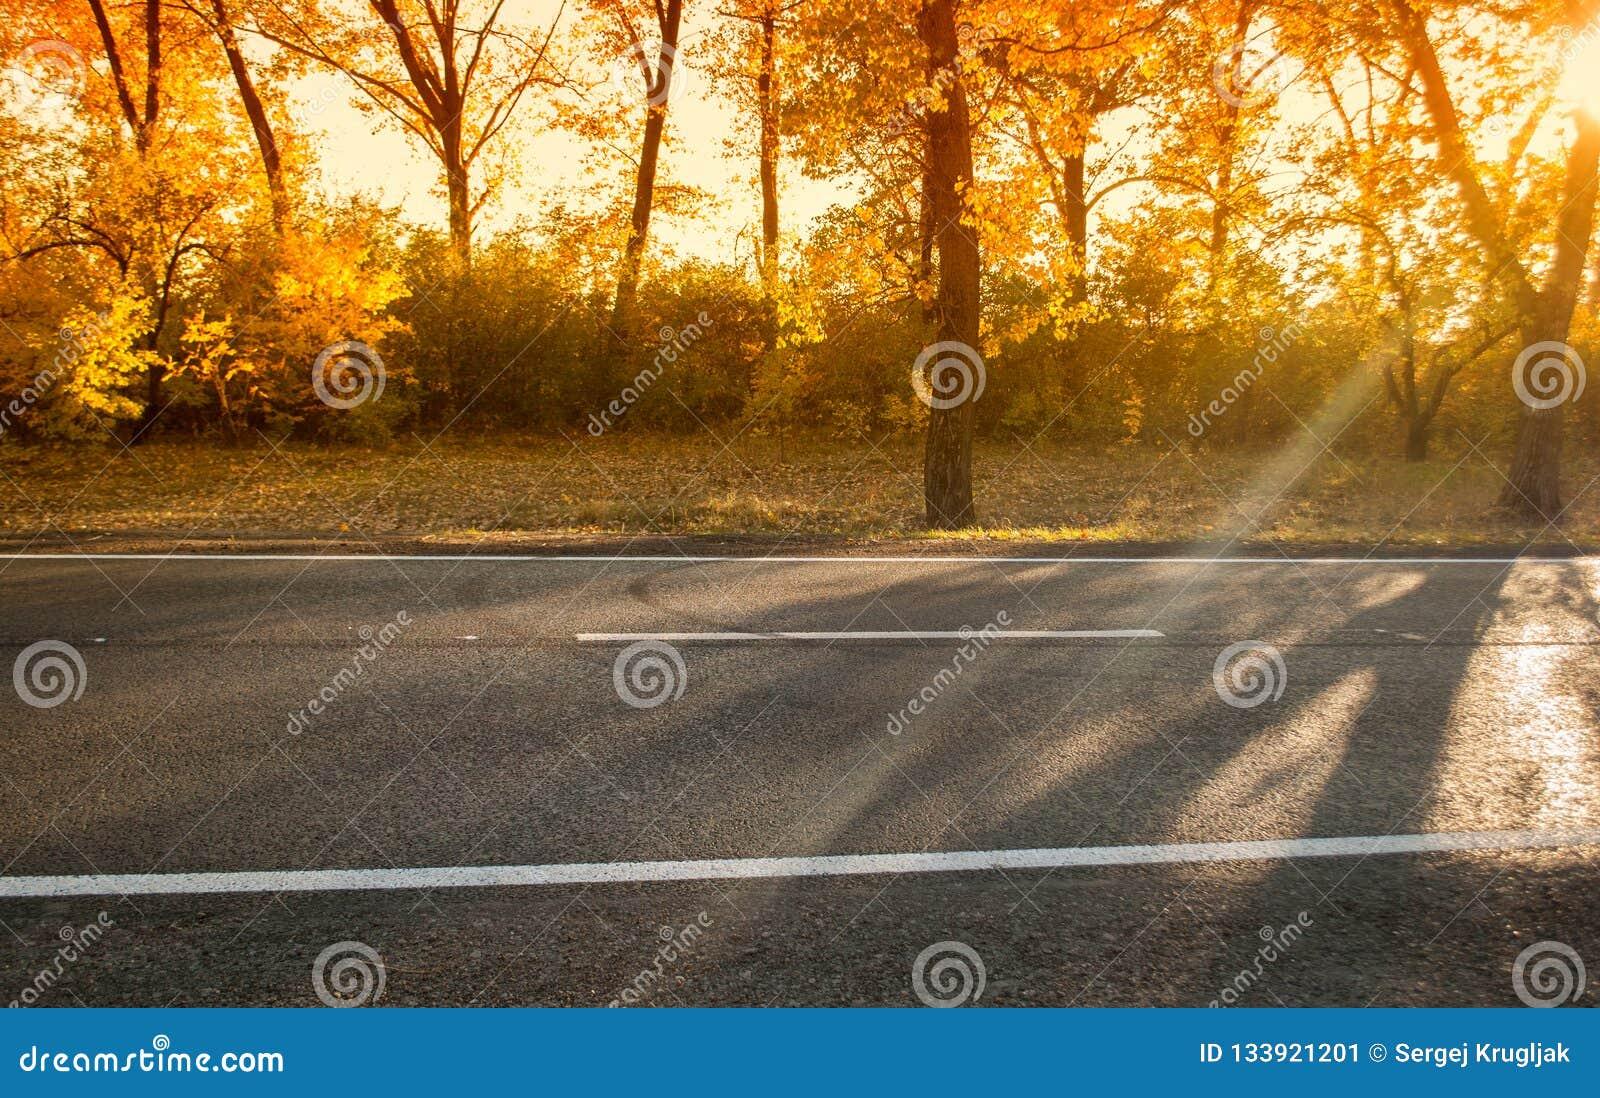 День осени с деревьями и желтой листвой